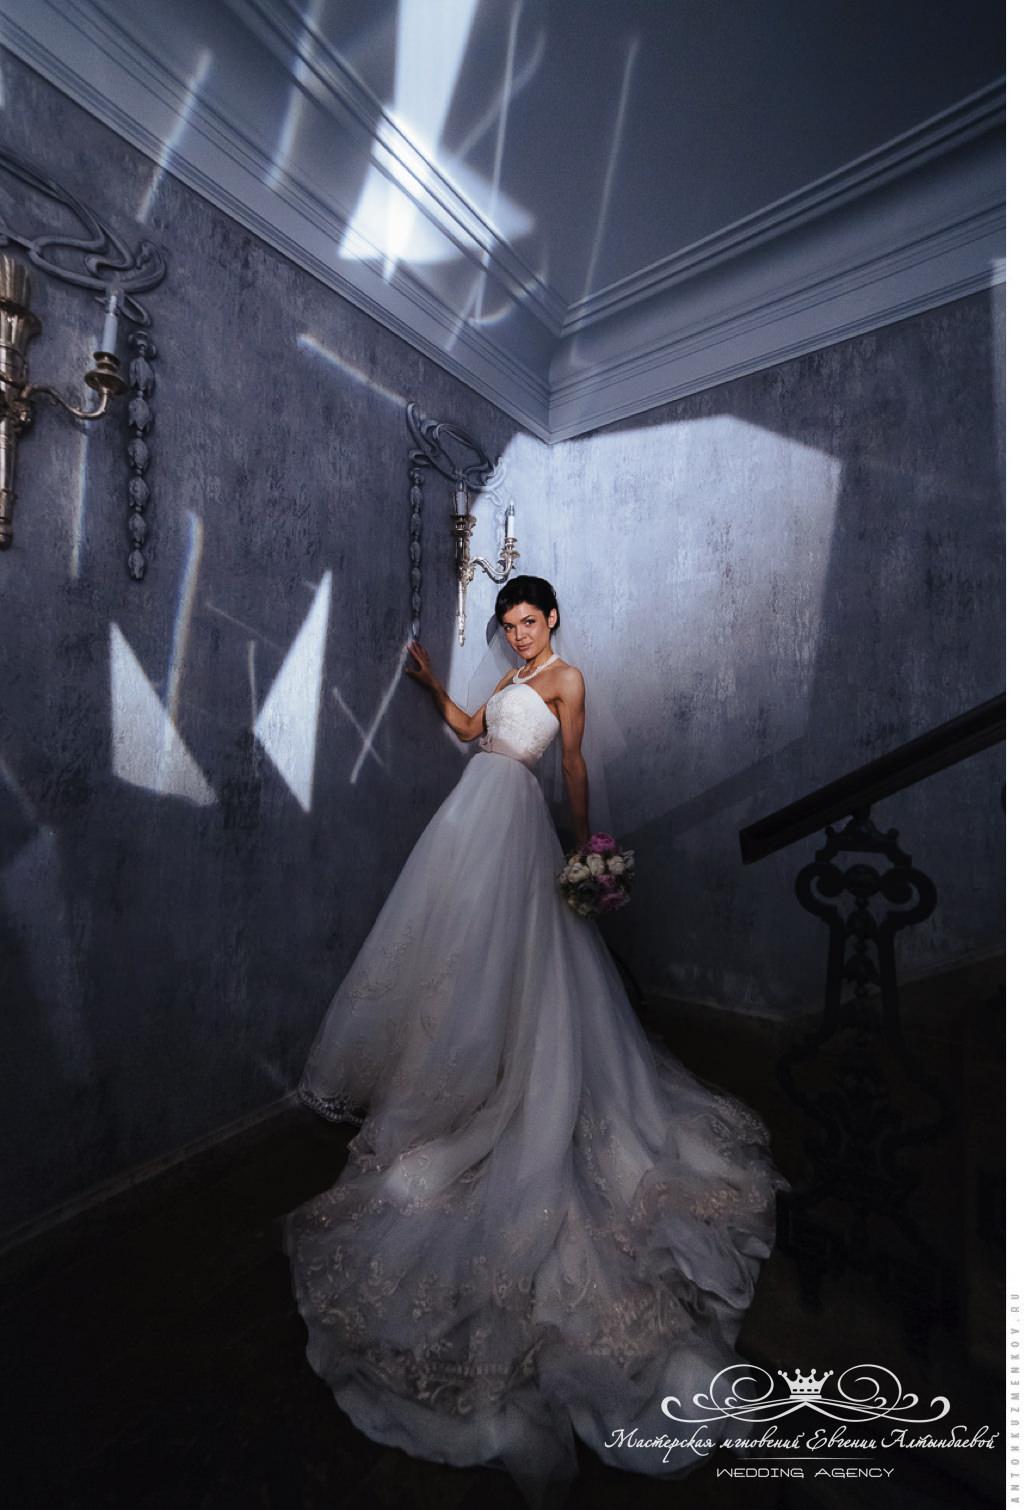 Роскошный образ невесты продуманный до мелочей